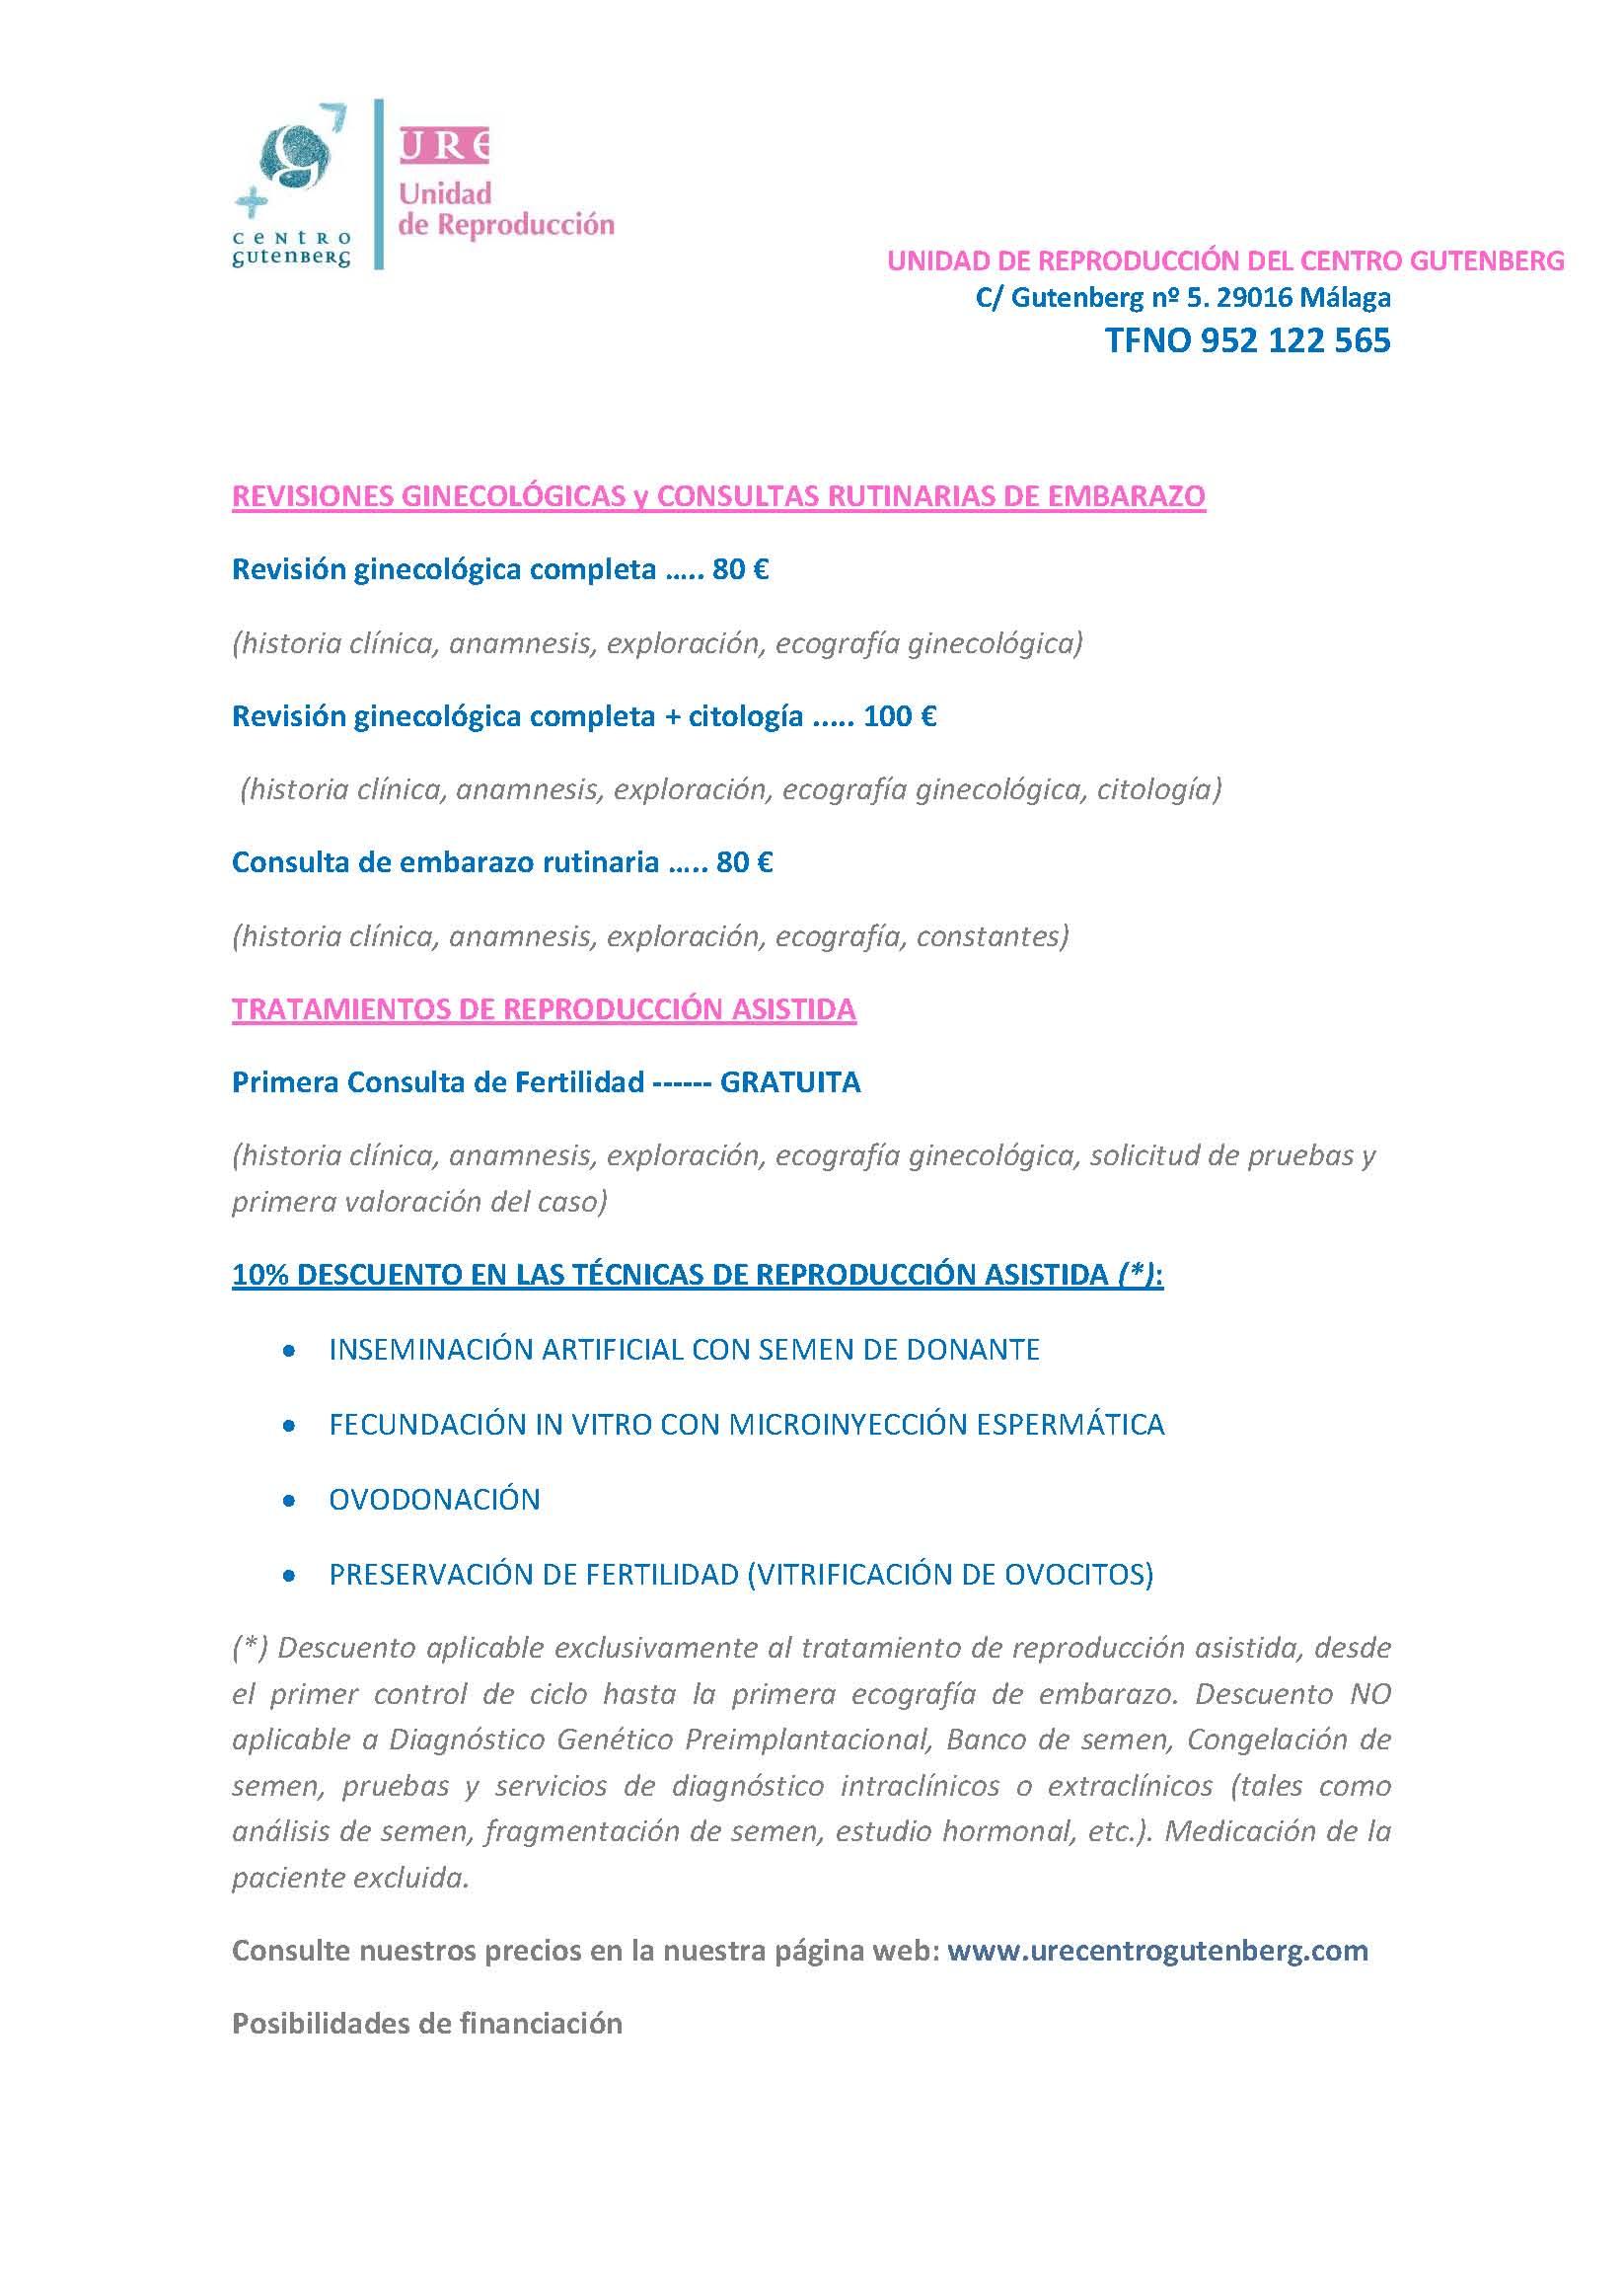 Precio especial para Madres Solteras en UreGutenberg, Málaga